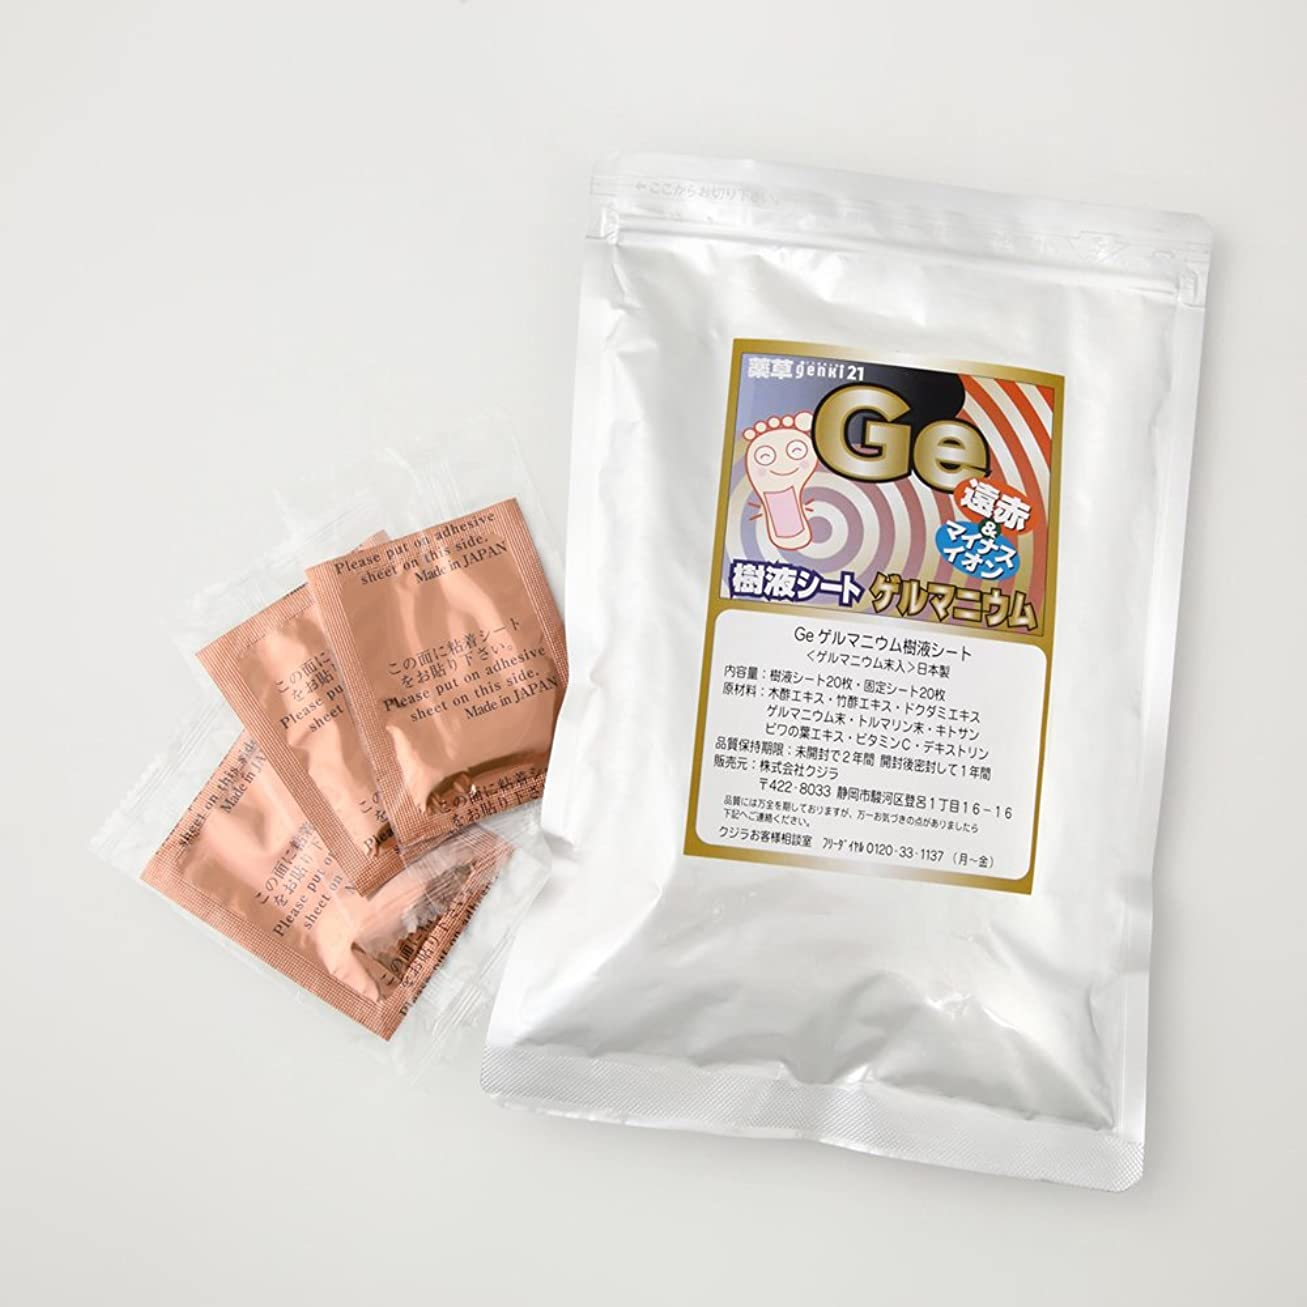 冷淡な敵対的恒久的genki21 『ゲルマニウム樹液シート』ゲルマニウム配合で快足安眠 ?1袋20枚?